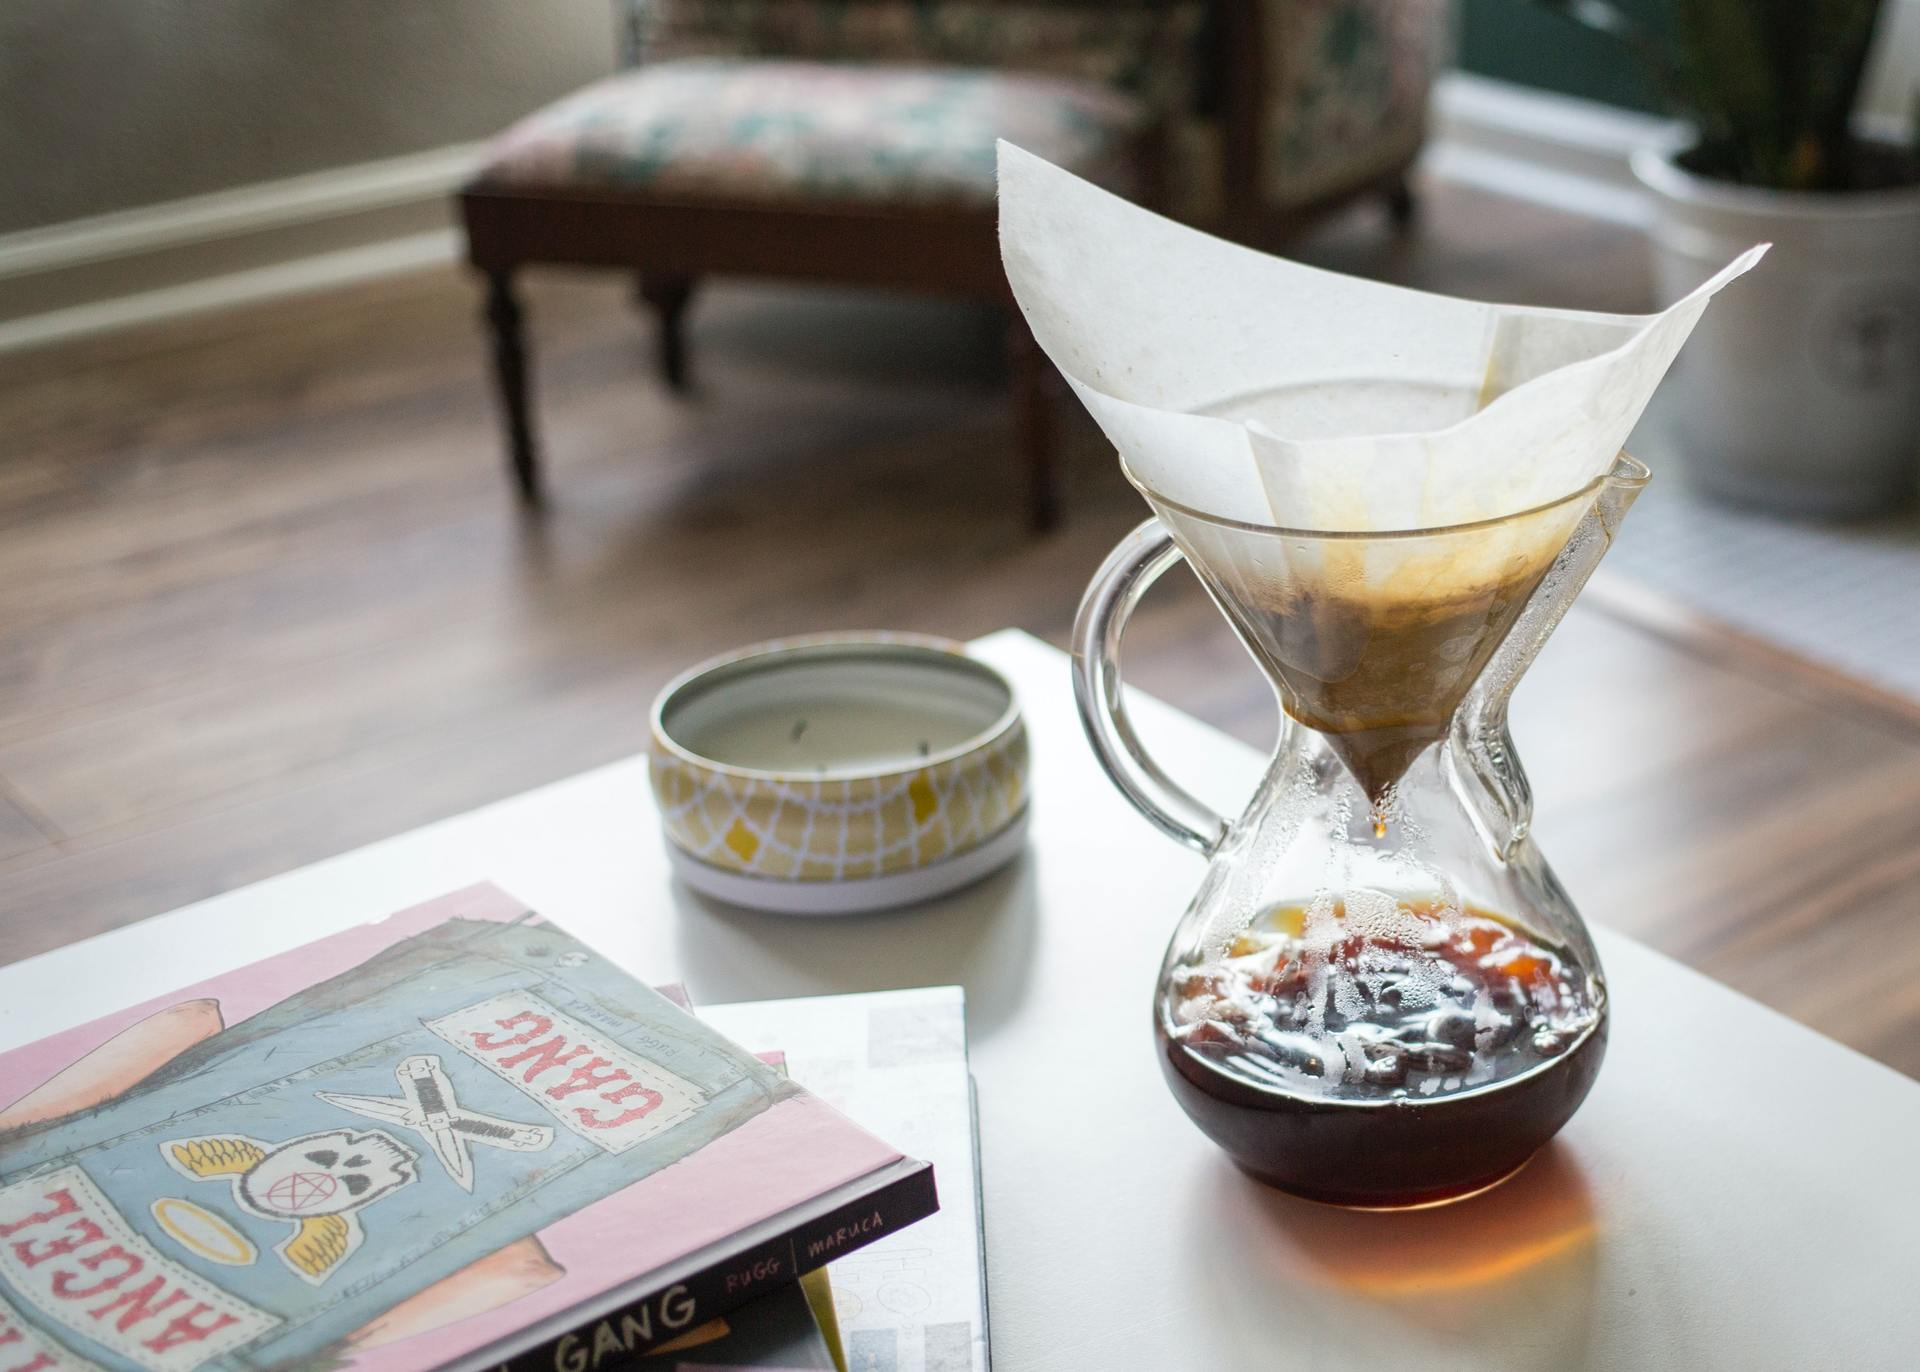 Не стоит бояться заваривать кофе в пуровере - на деле это просто и быстро. А количество напитка хватит на несколько гостей